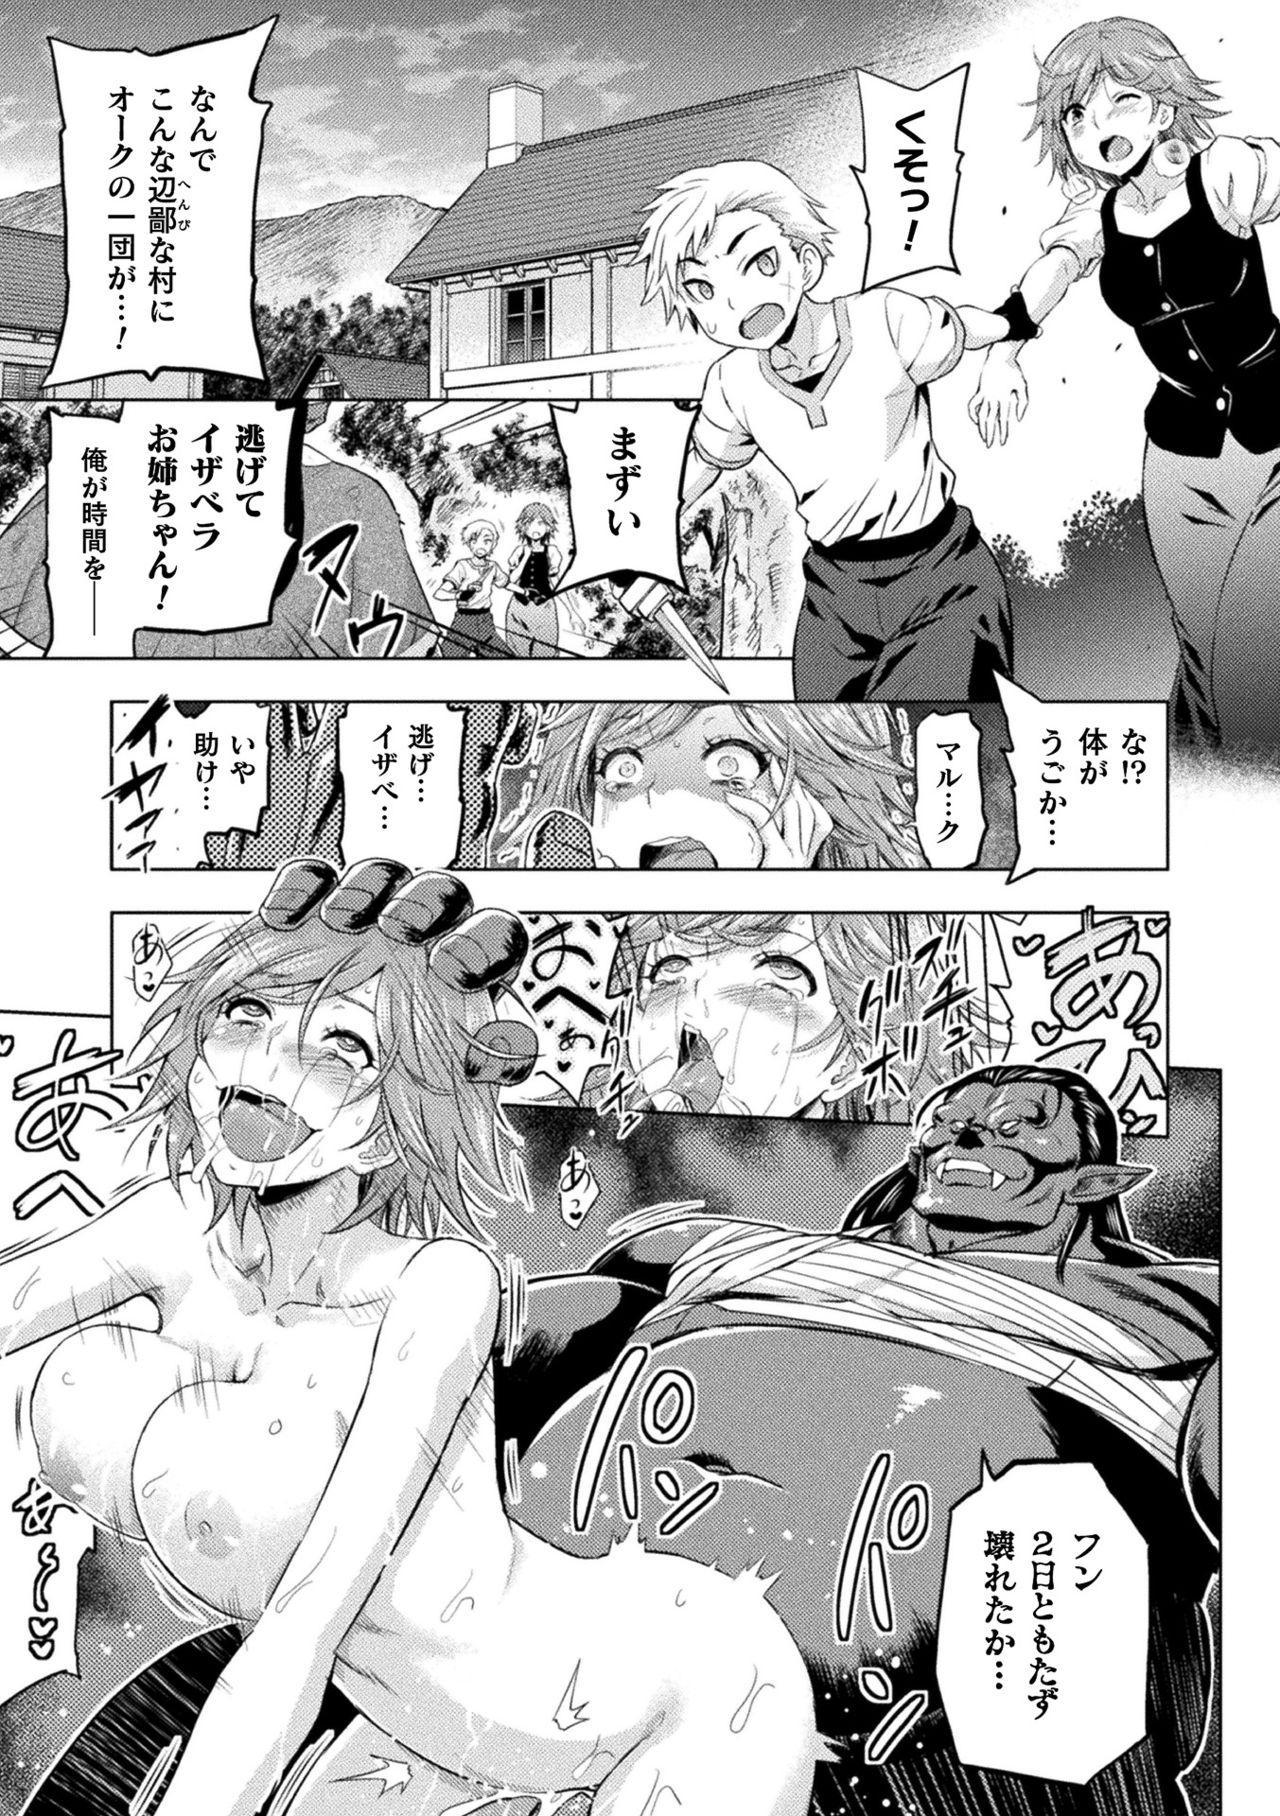 ERONA Orc no Inmon ni Okasareta Onna Kishi no Matsuro 152